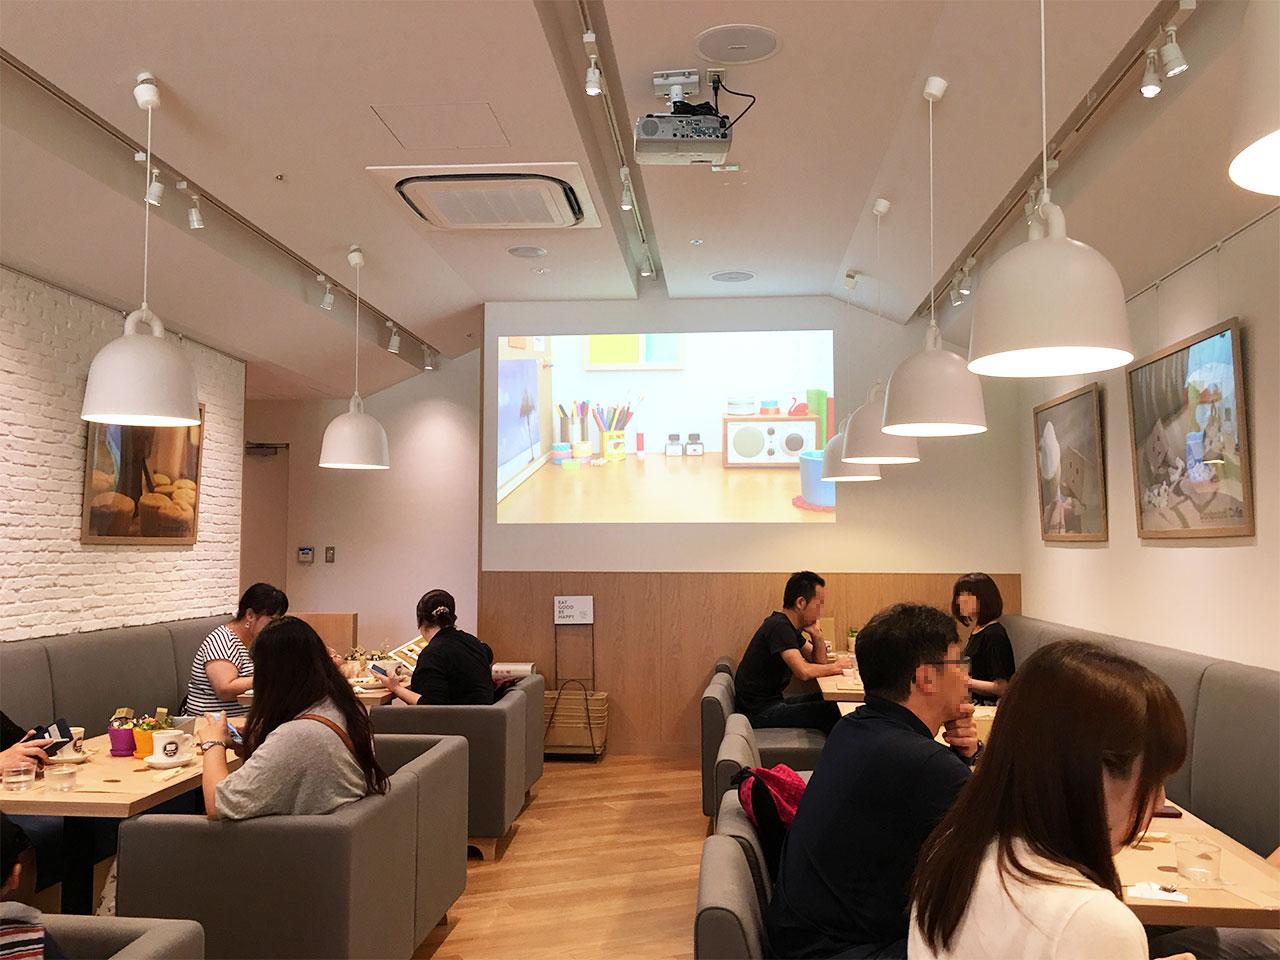 tachikawa-danboard-cafe-tennai01